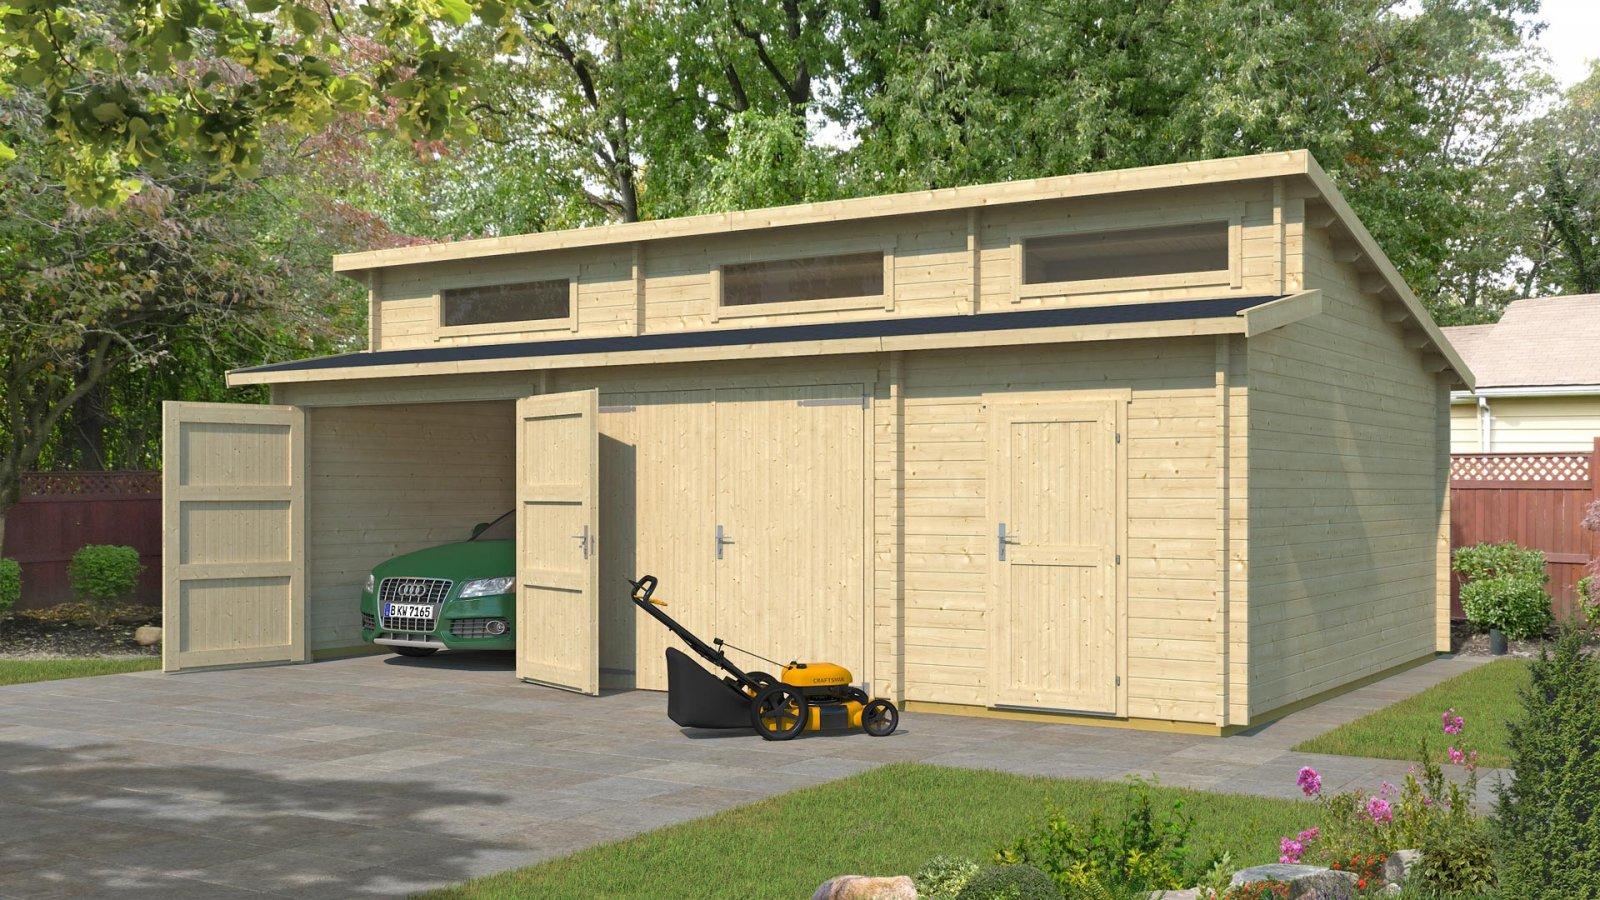 Zárt garázs faház Weka441